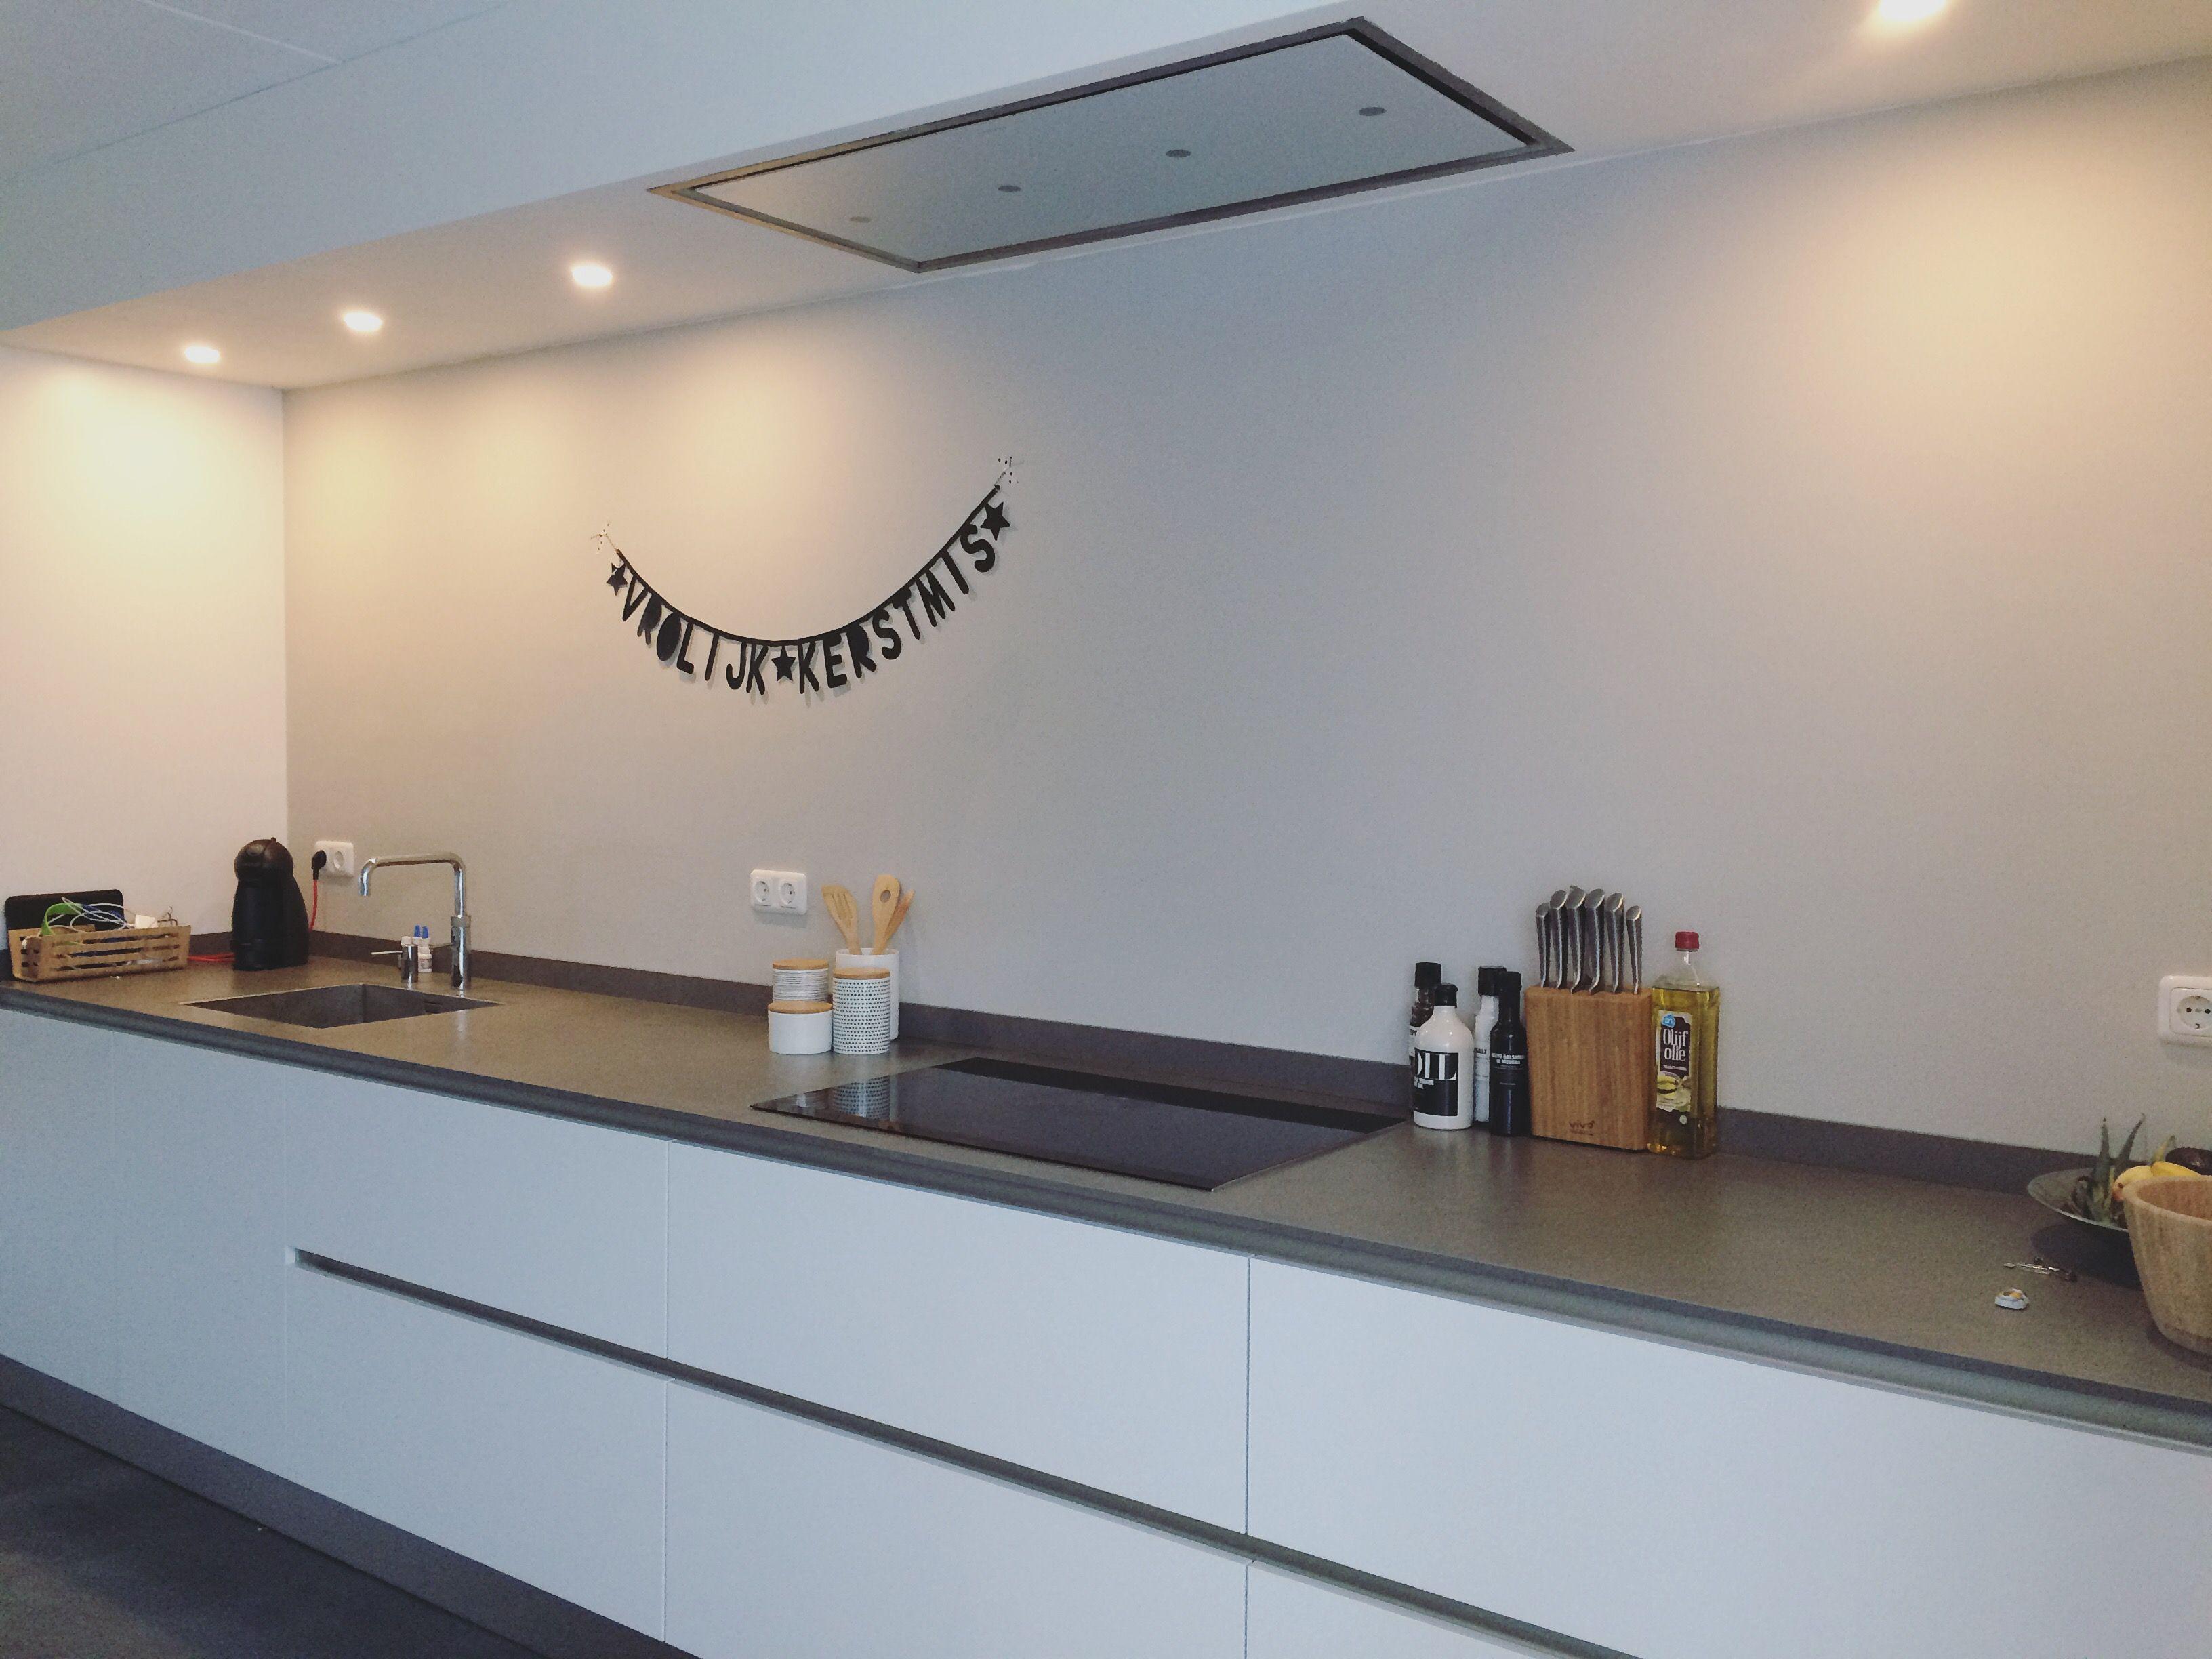 Afzuigkap In Plafond : Keuken strakke keuken witte keuken afzuigkap in plafond kuchenland